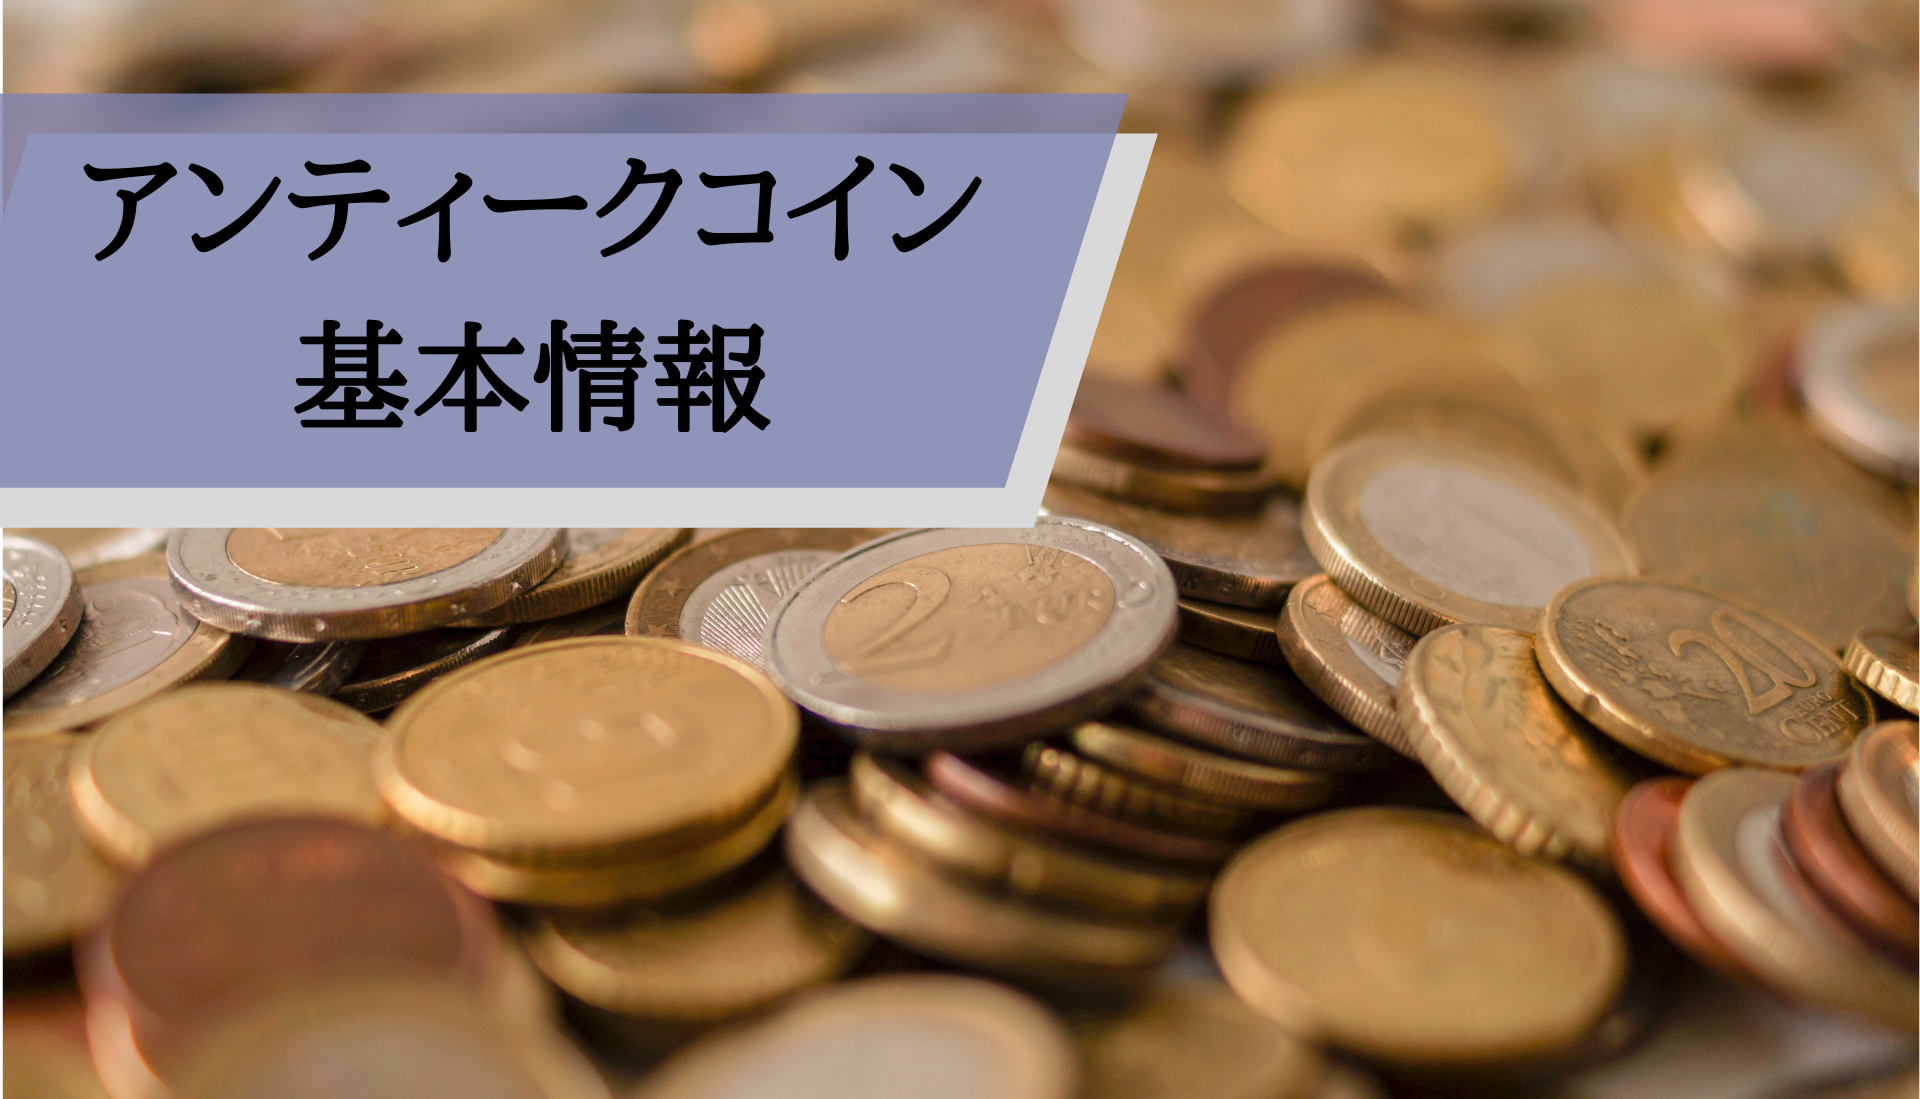 アンティークコイン投資_基本情報